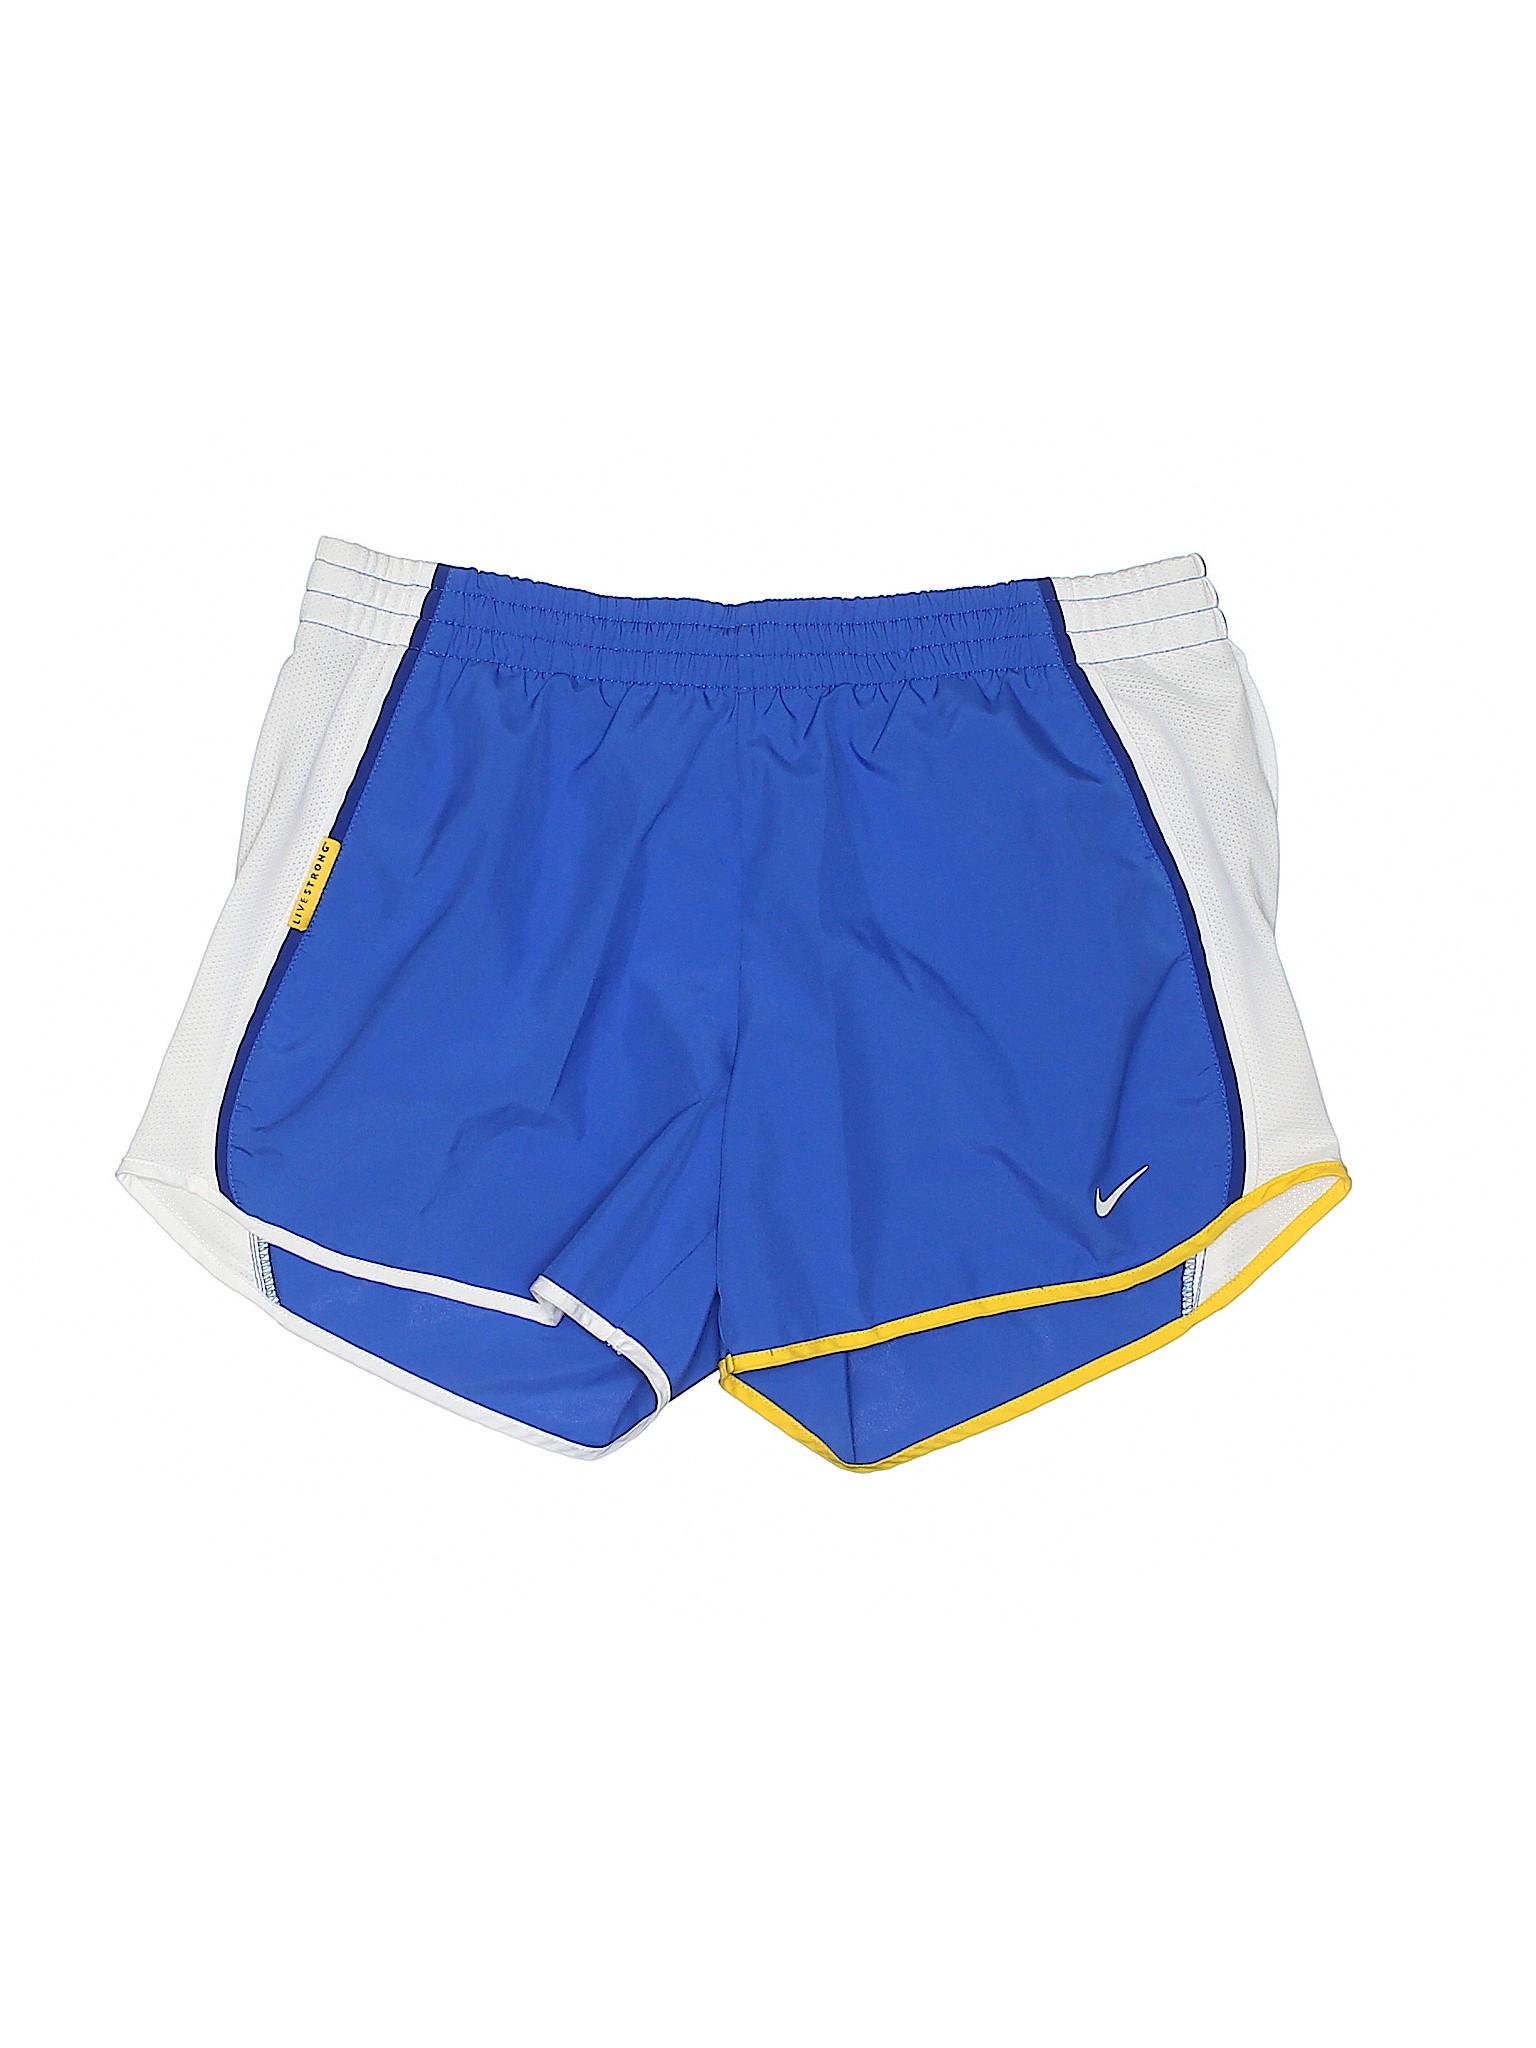 Athletic Nike Nike Boutique Shorts Shorts Boutique Nike Athletic Athletic Nike Athletic Boutique Shorts Shorts Boutique dAaatHwxq0